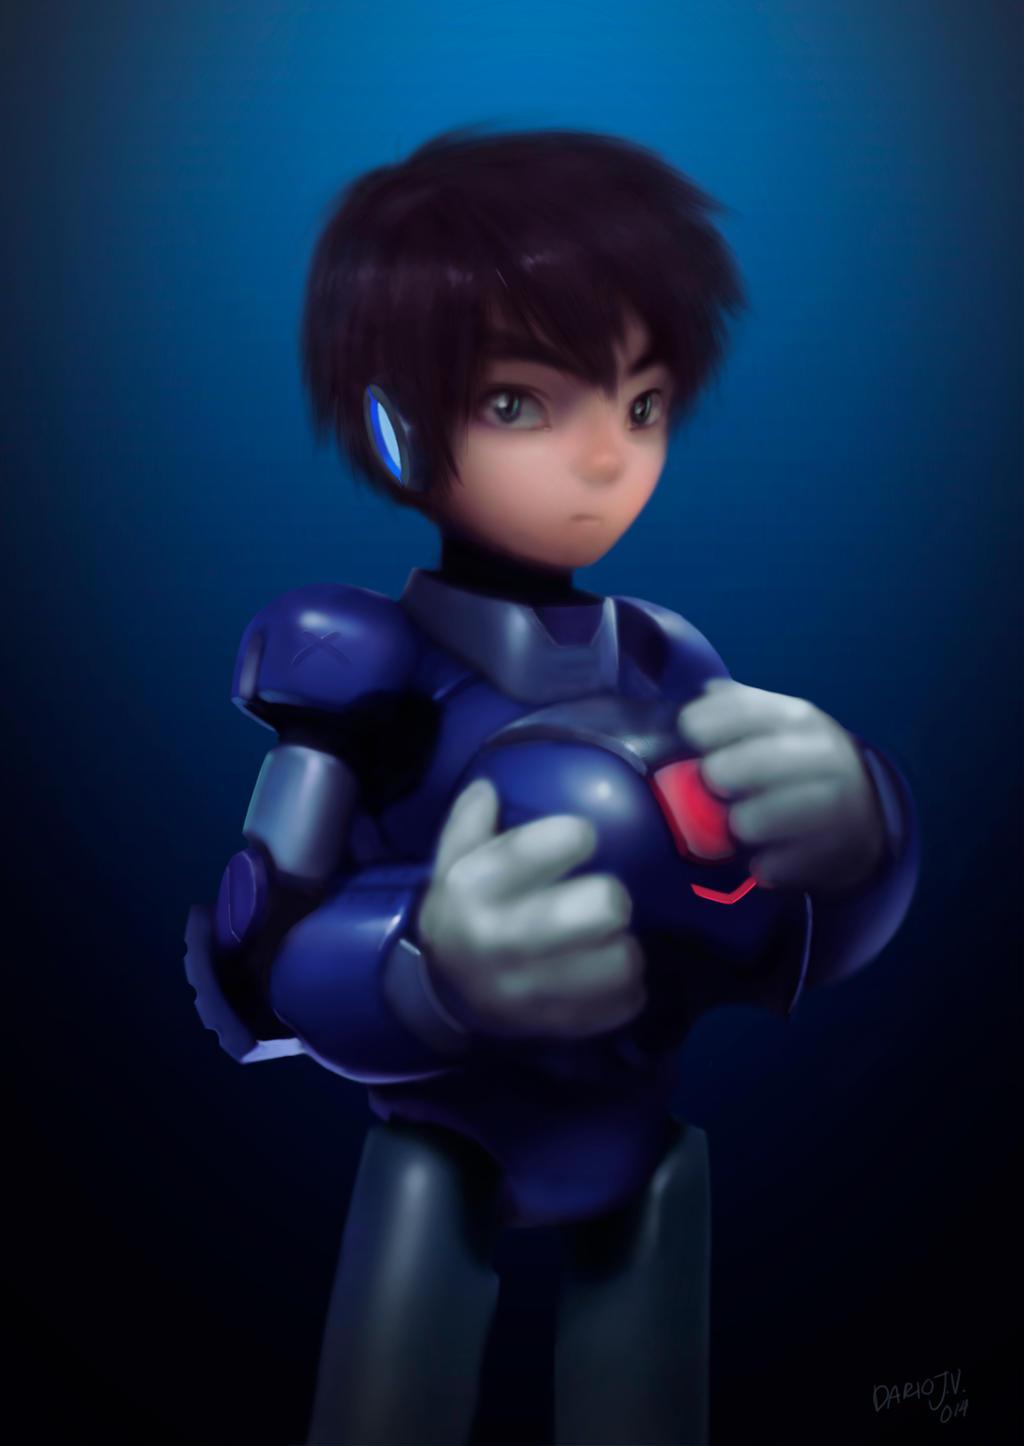 Megaman Tribute by darioid